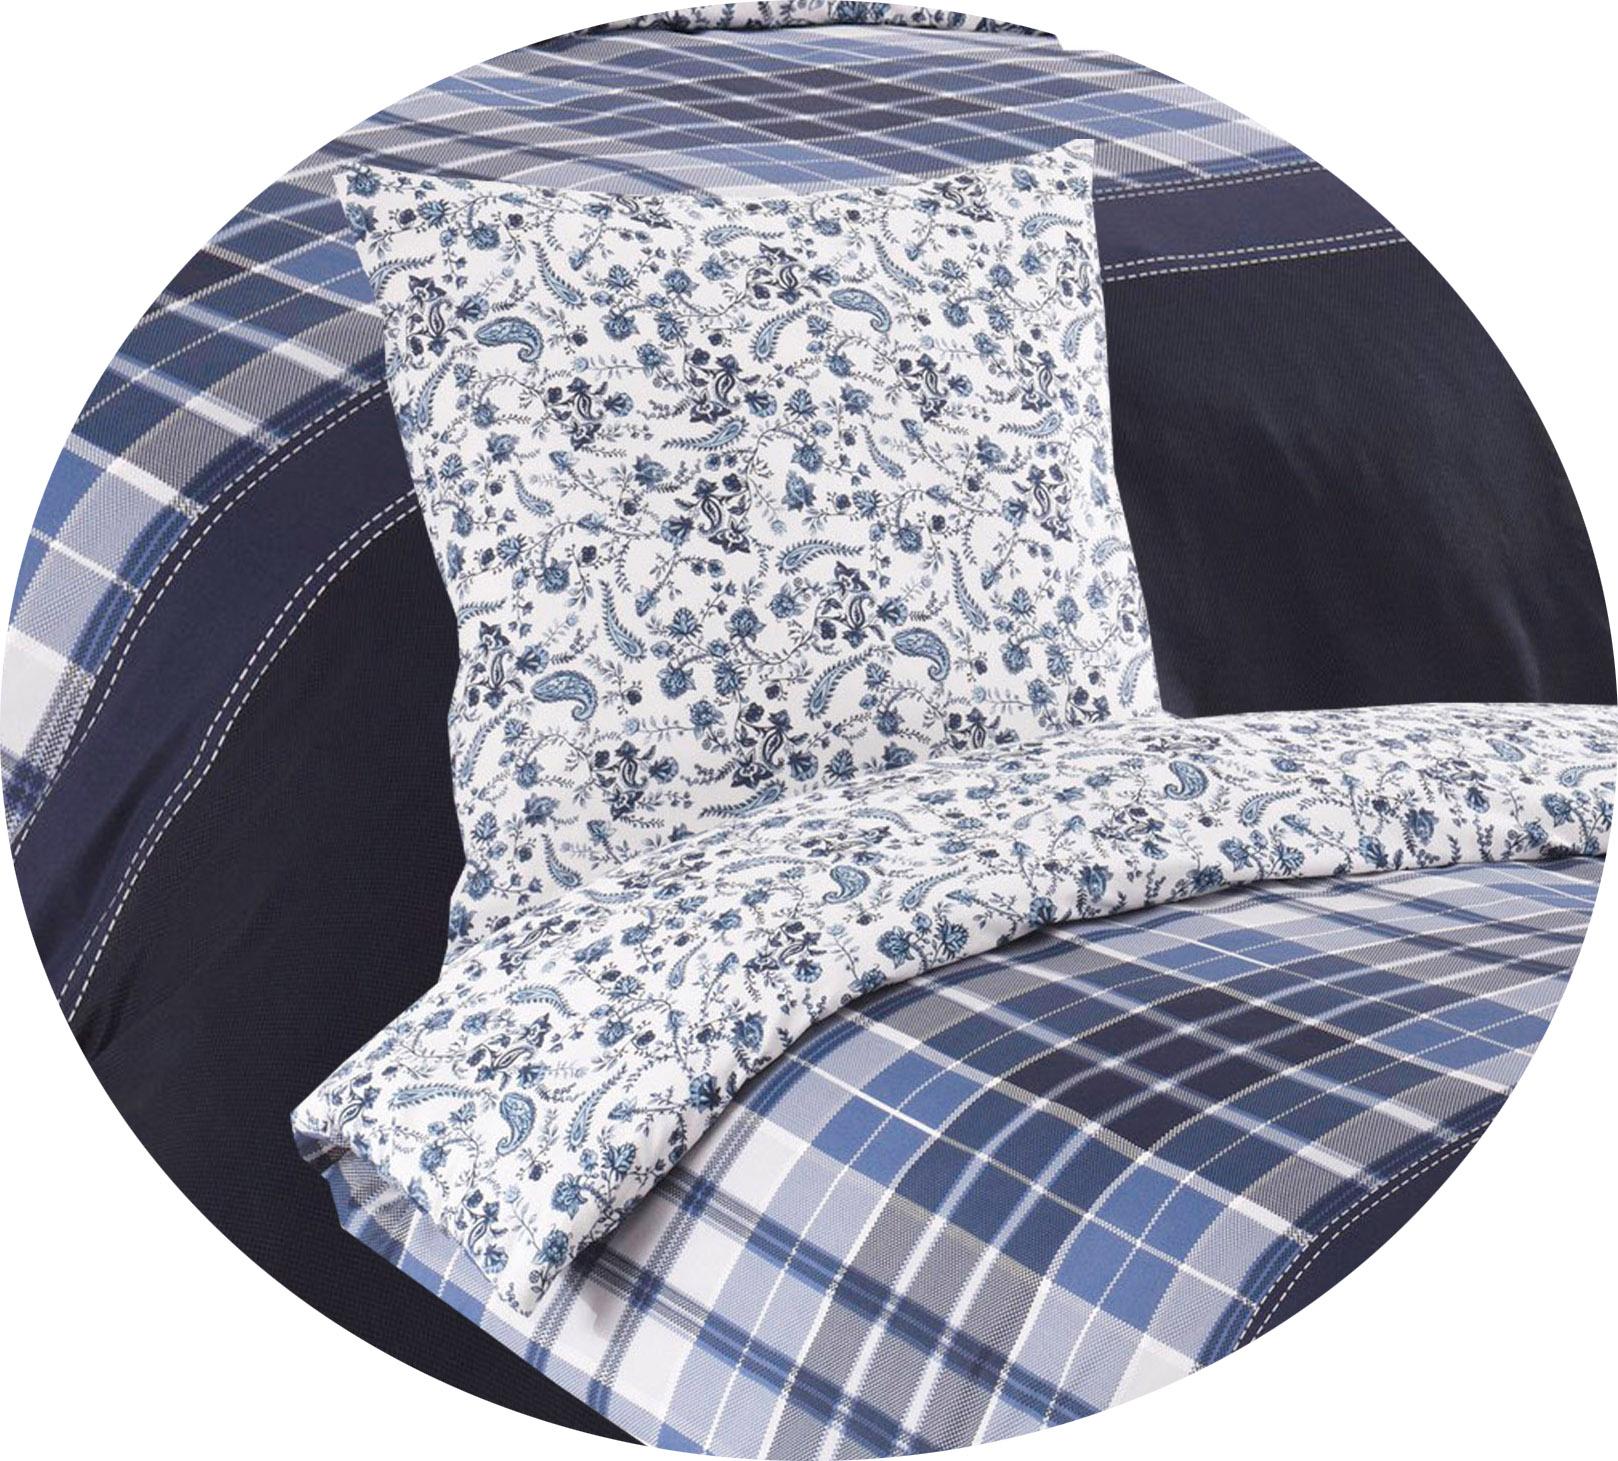 Bettwäsche 135x200 80x80 Cm Baumwolle Renforce Blau Weiß Geblümt